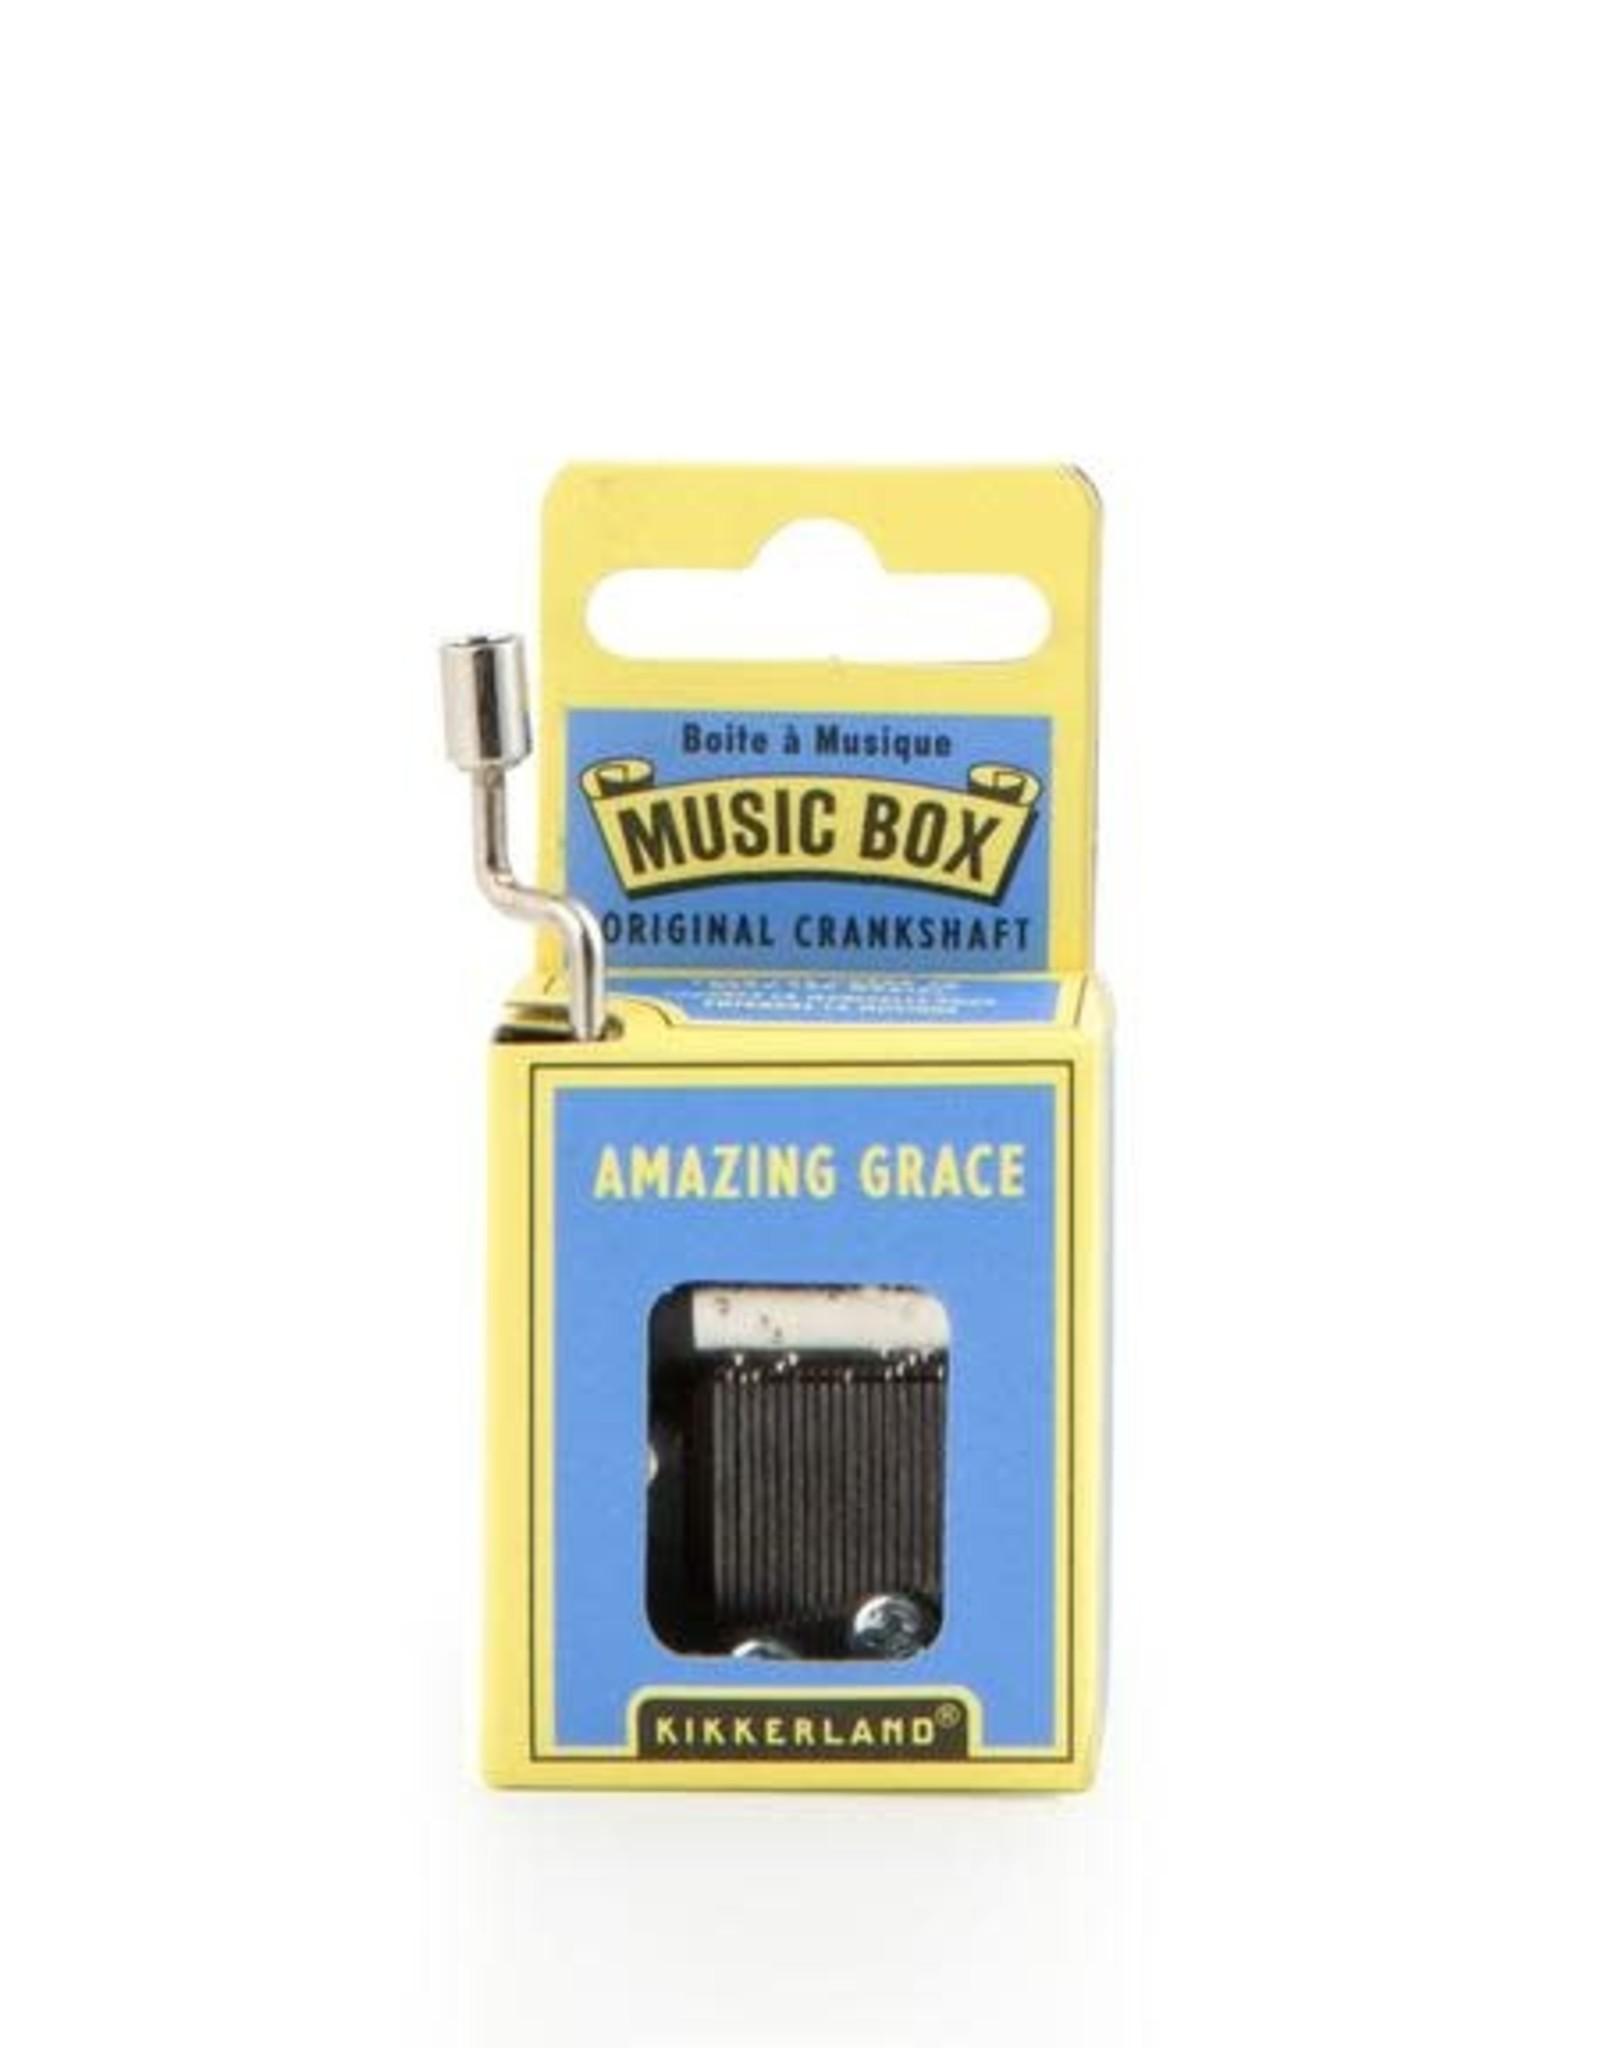 Kikkerland Amazing Grace Crank Music Box